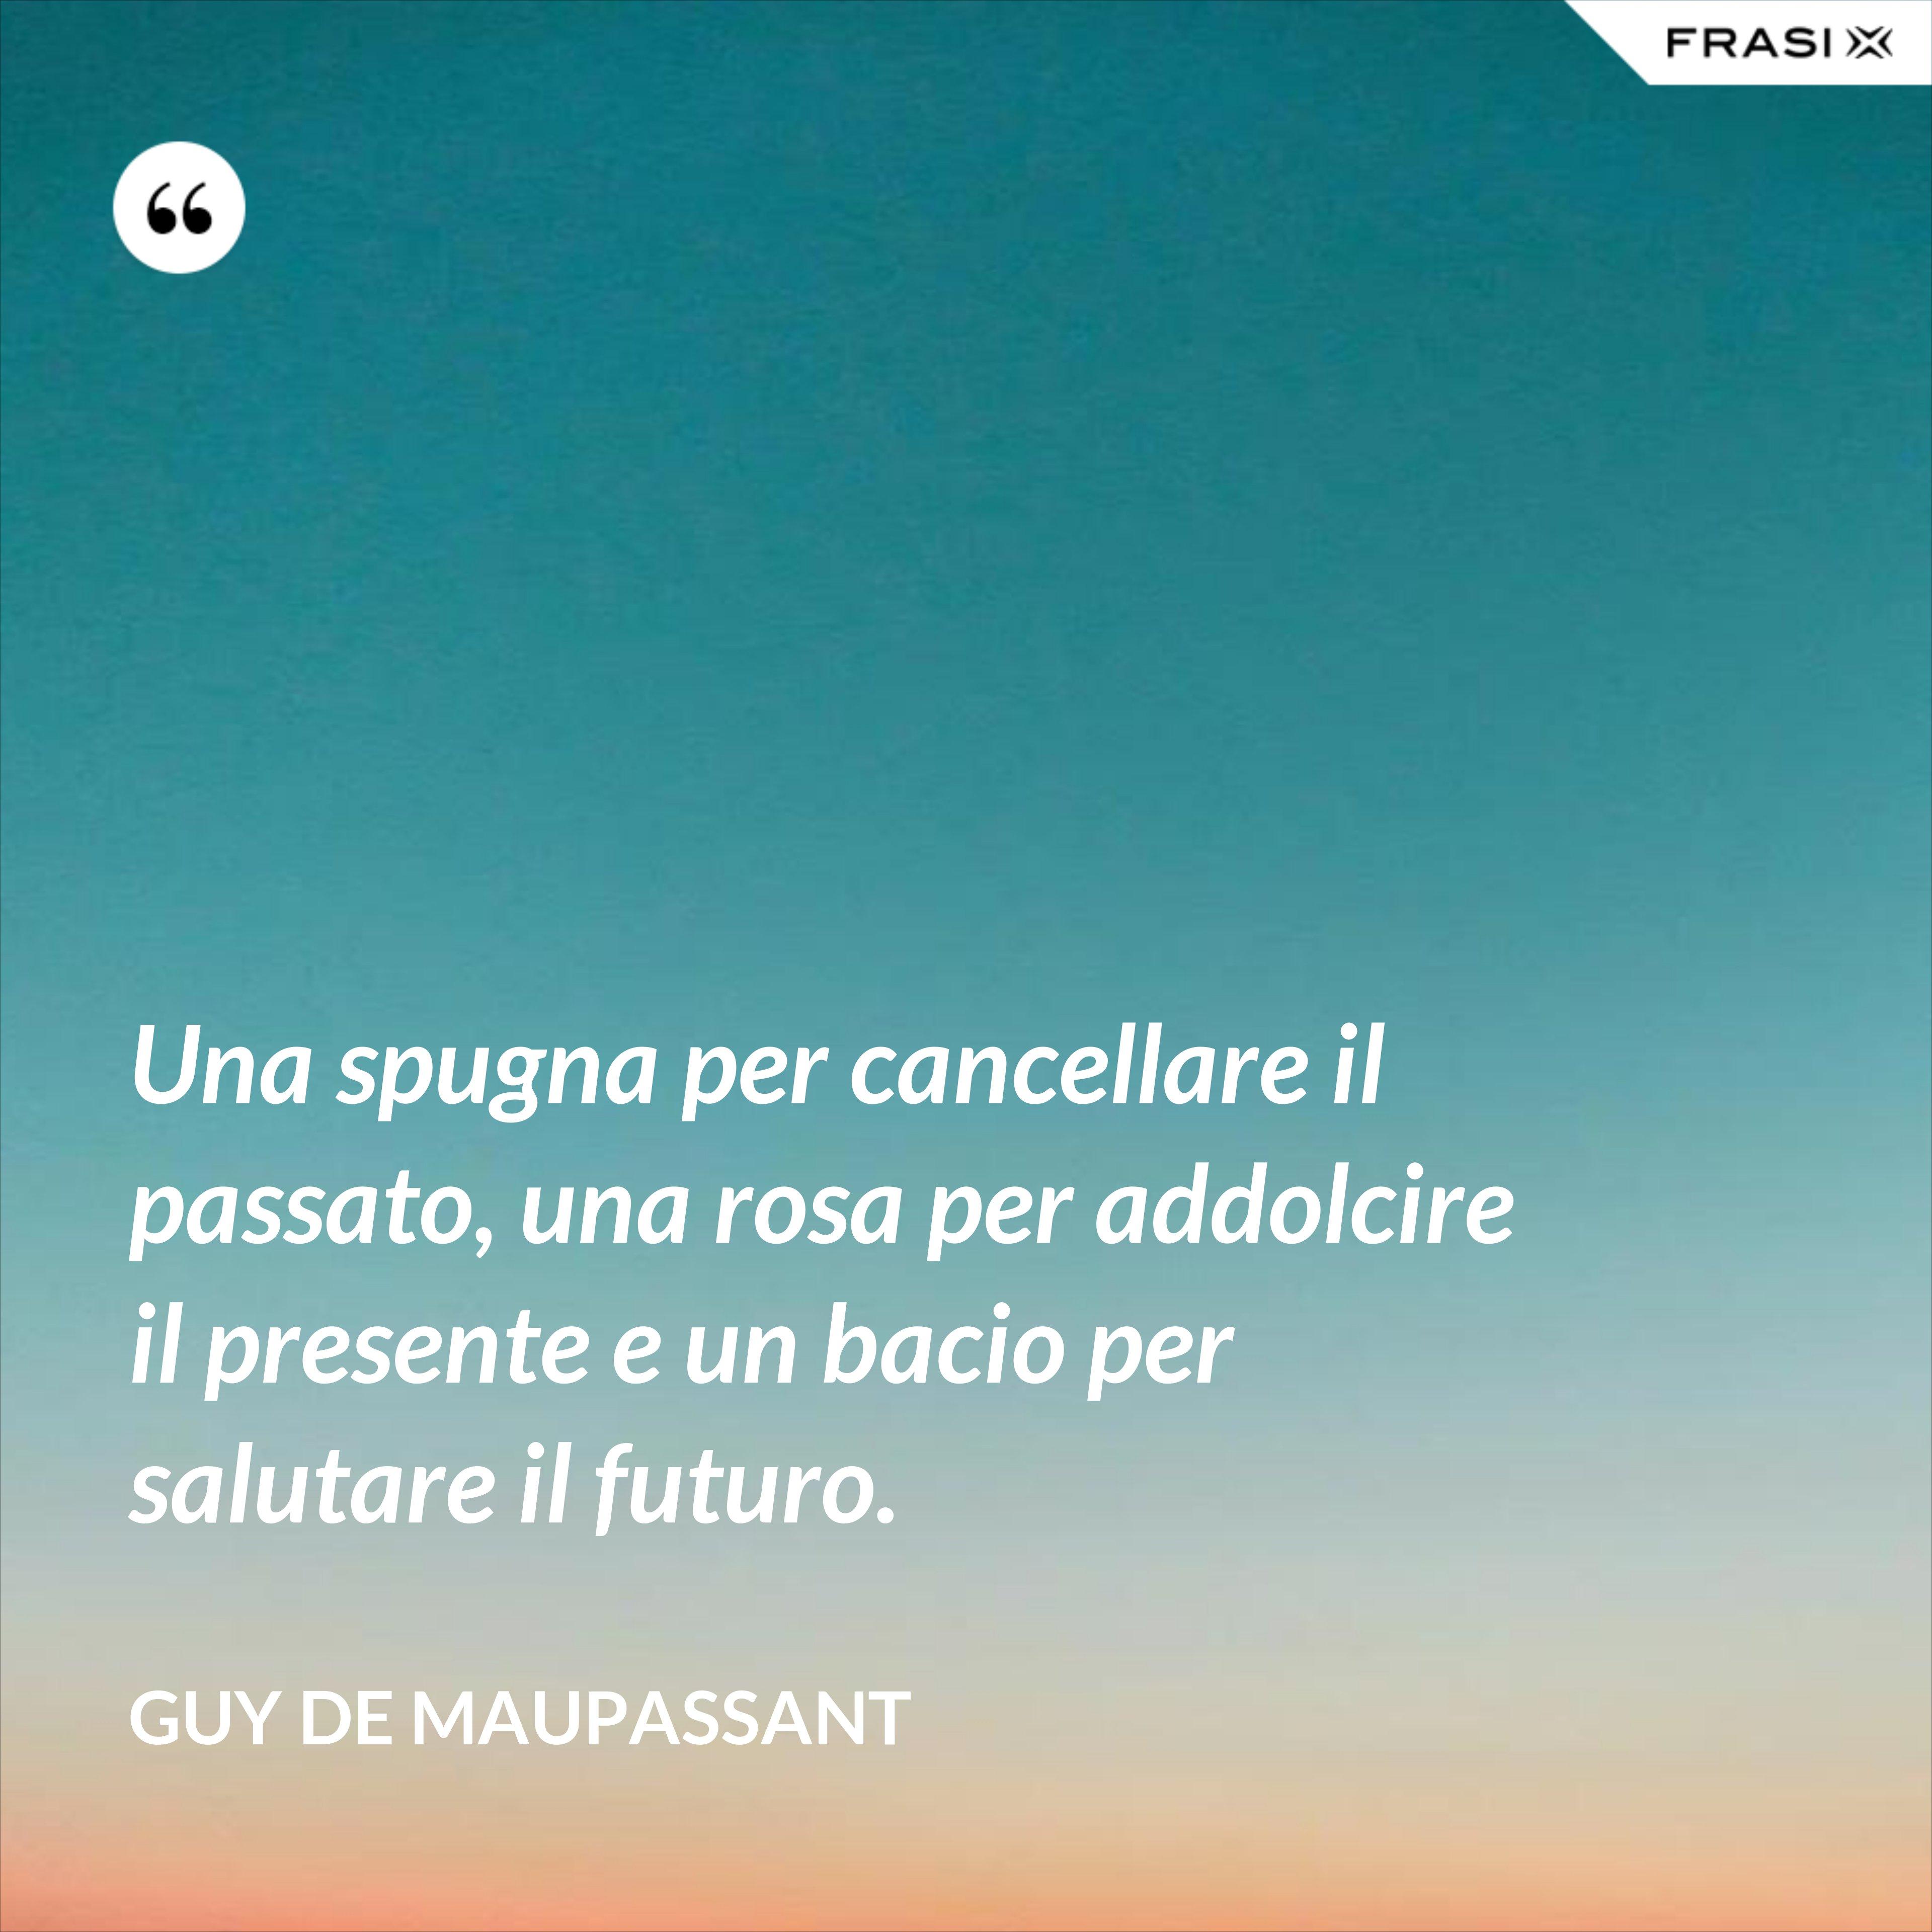 Una spugna per cancellare il passato, una rosa per addolcire il presente e un bacio per salutare il futuro. - Guy de Maupassant